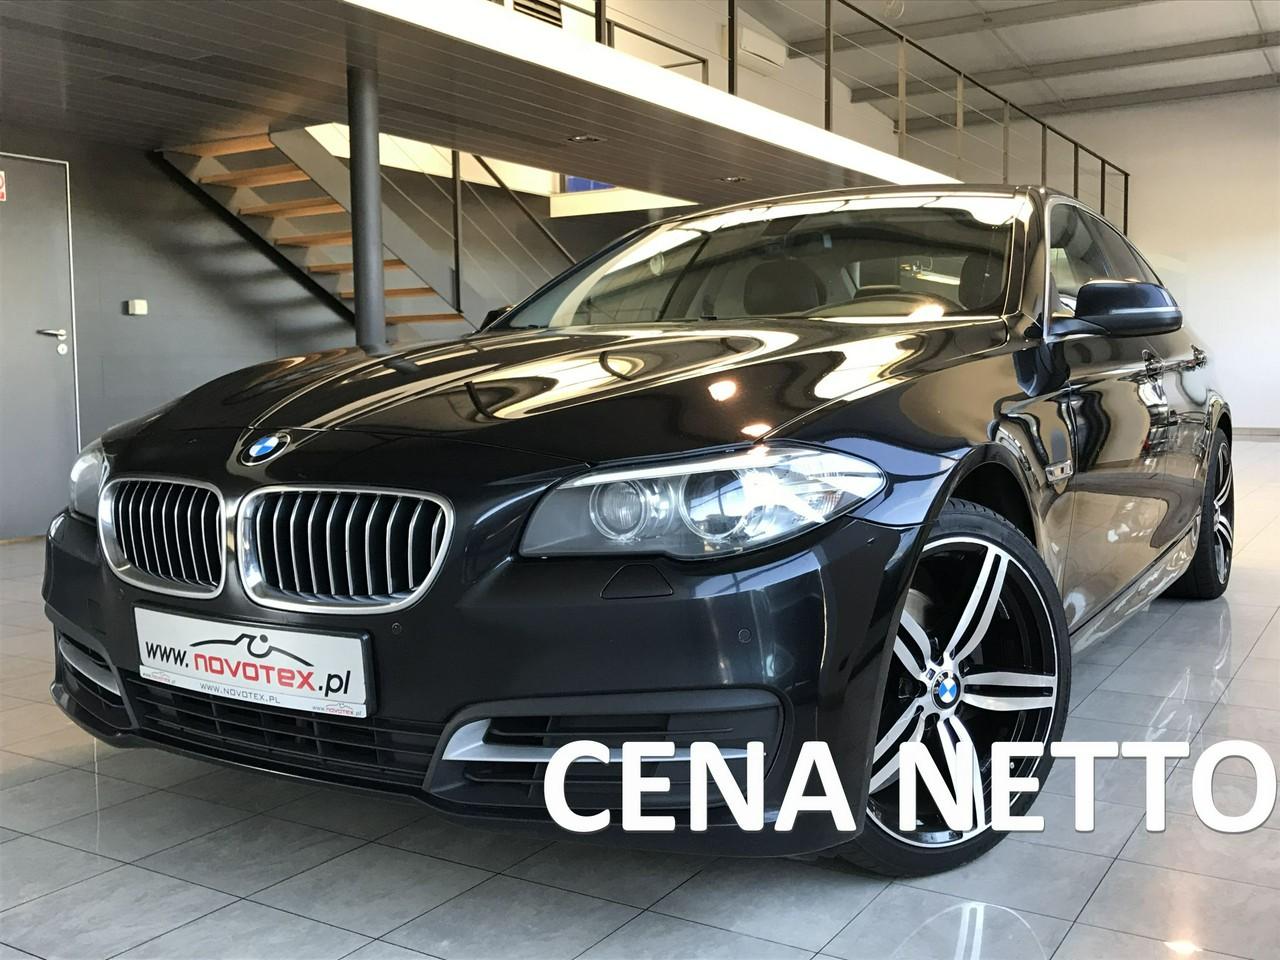 BMW 520 2.0D*xenon*skóra*ALU 19*bezwypadek*serwis w ASO*gwarancja VIP Service